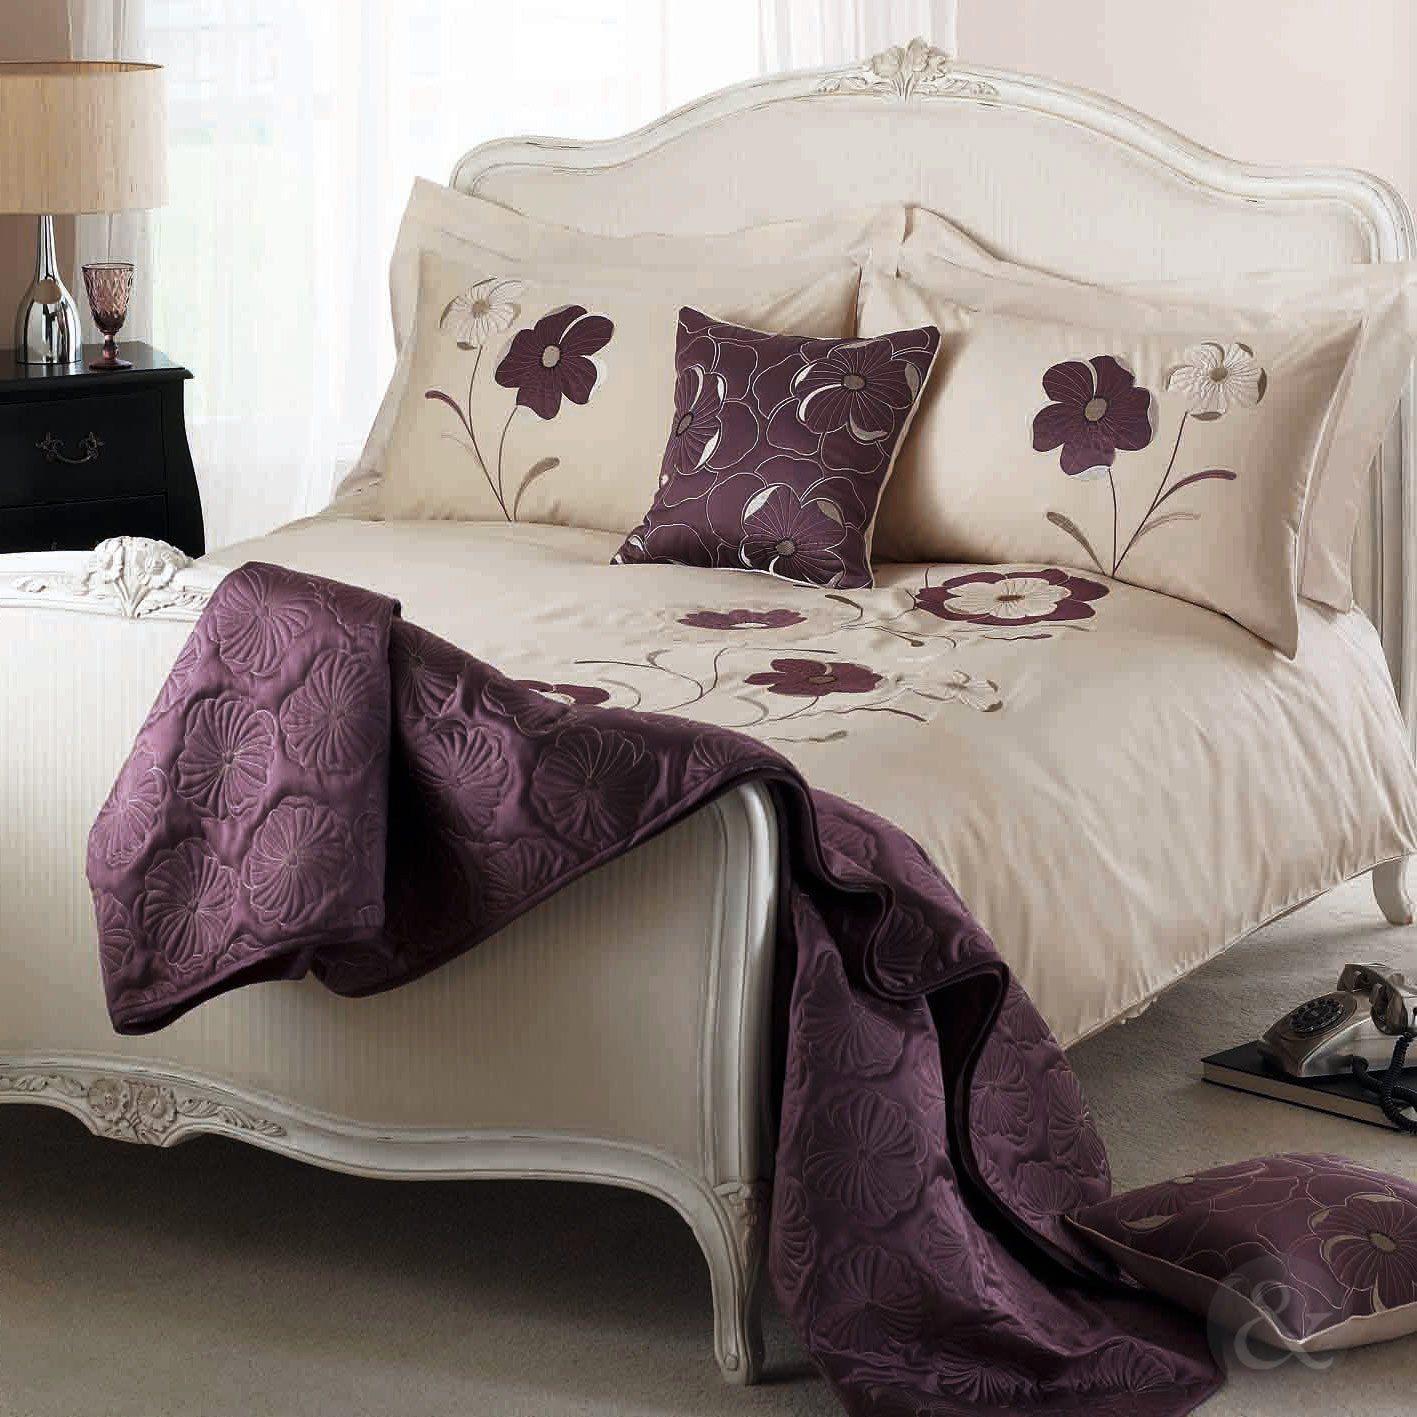 ELEGANT FLORAL BEDSPREAD Cotton Blend Embroidered Bedding Bed Set